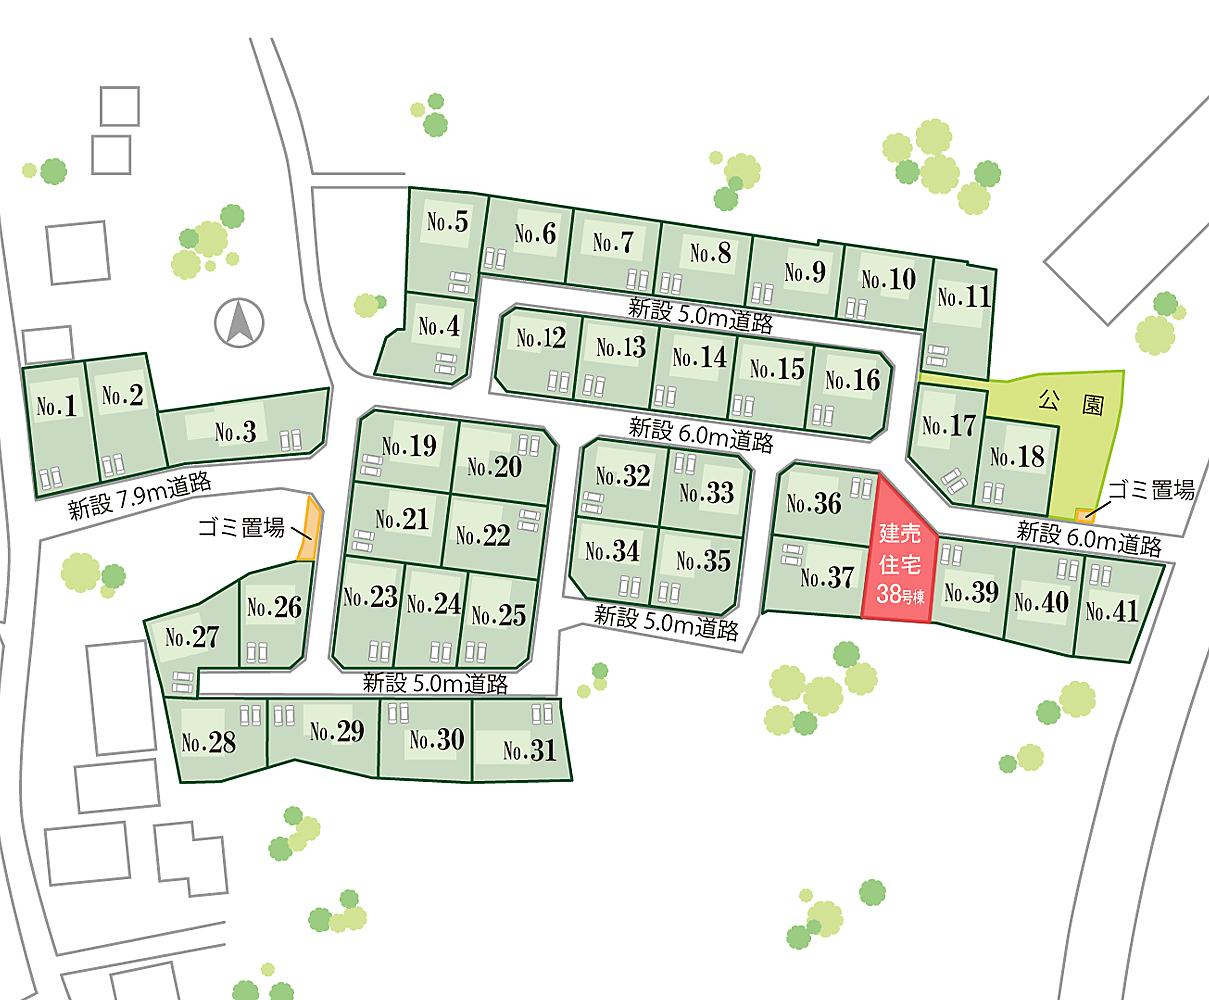 山梨 不動産 建売住宅 甲斐市下今井E38号棟 分譲地 区画図